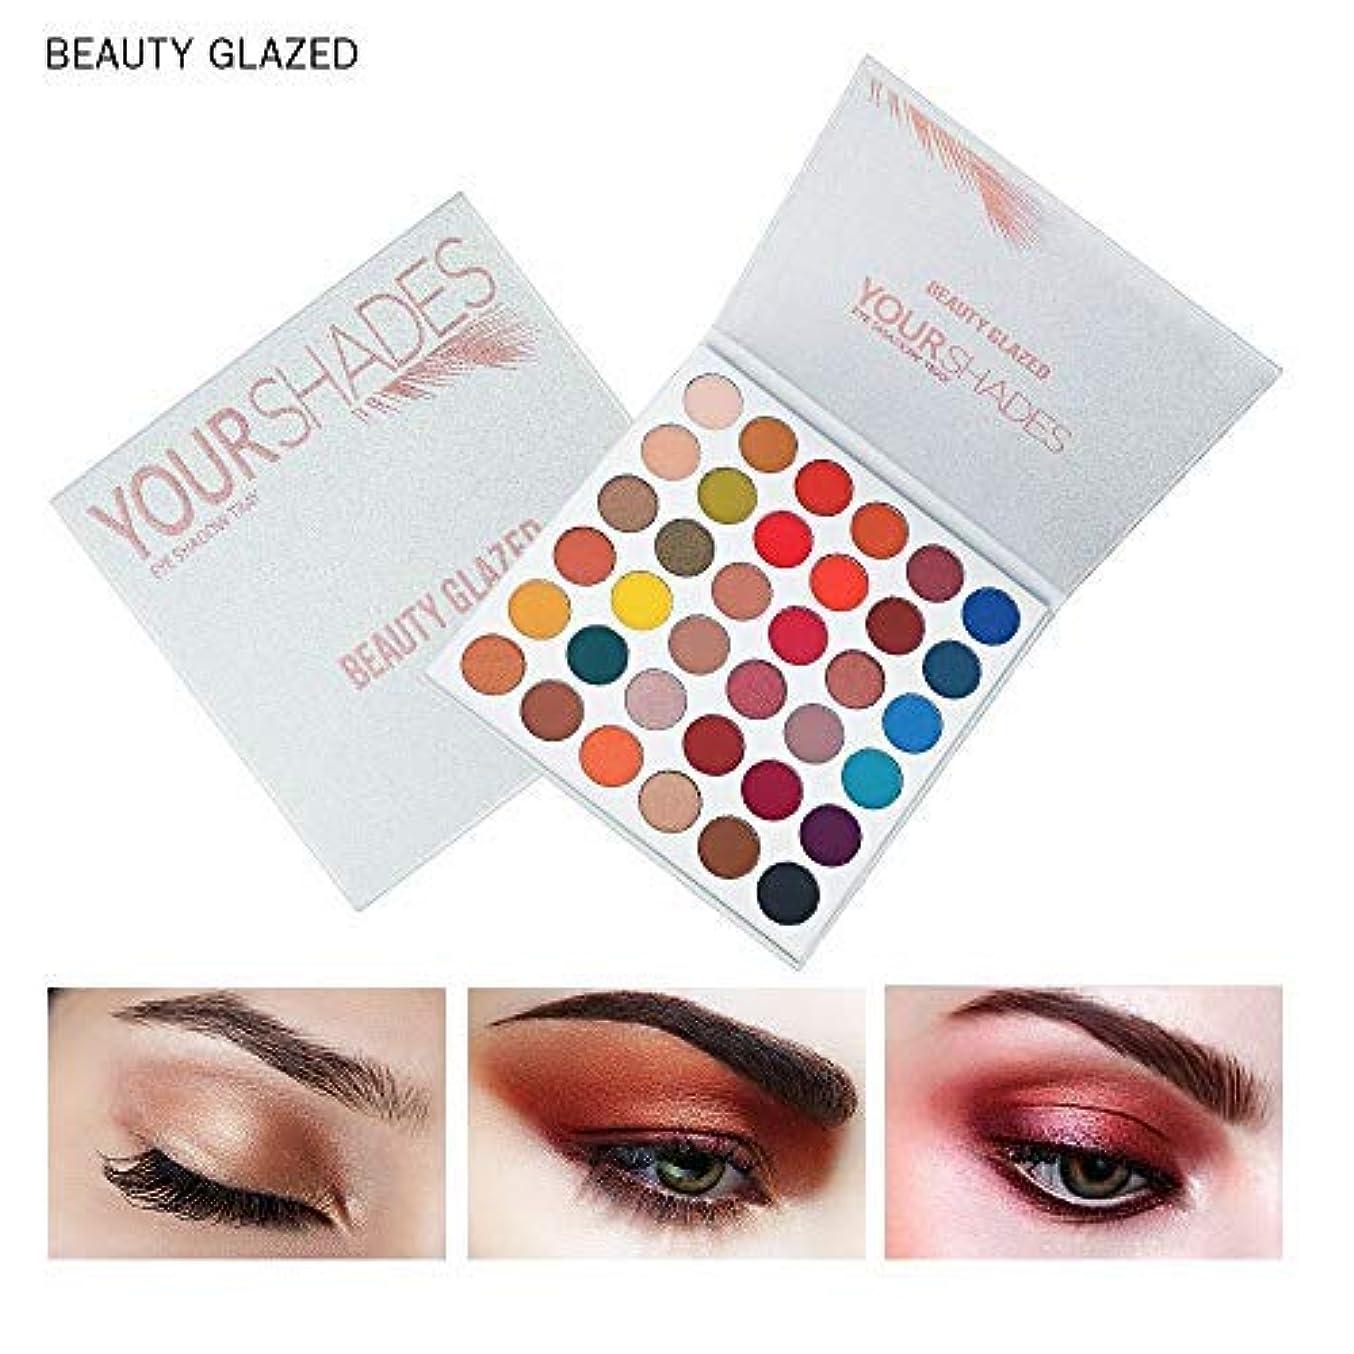 Beauty Glazed 36色アイシャドウパレットメイク長持ち蛍光ペンキメイクアップ顔料アイシャドウパレット携帯便利 使用簡単 化粧品